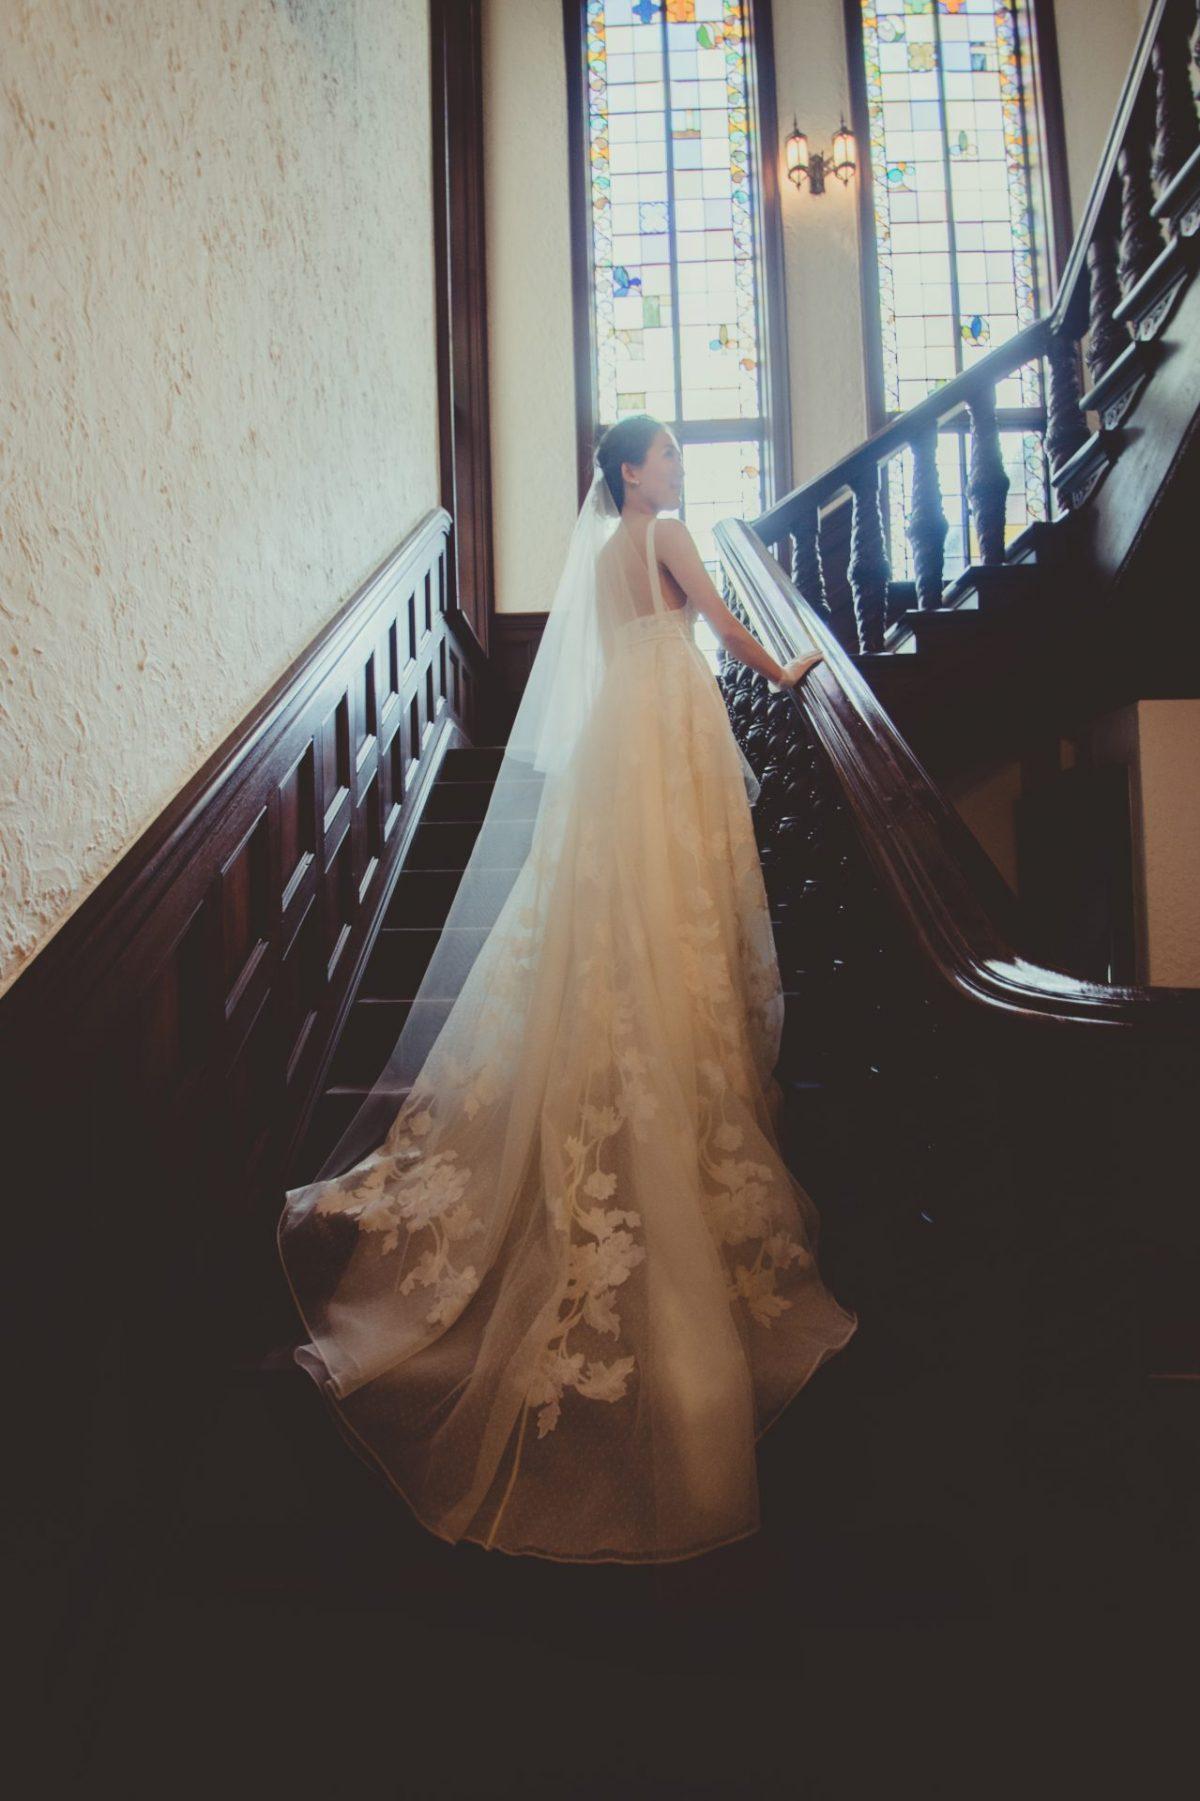 赤坂プリンスクラシックハウスの螺旋階段で撮影する際には、写真映えする総レースのトレーンの長いウェディングドレスがおすすめです